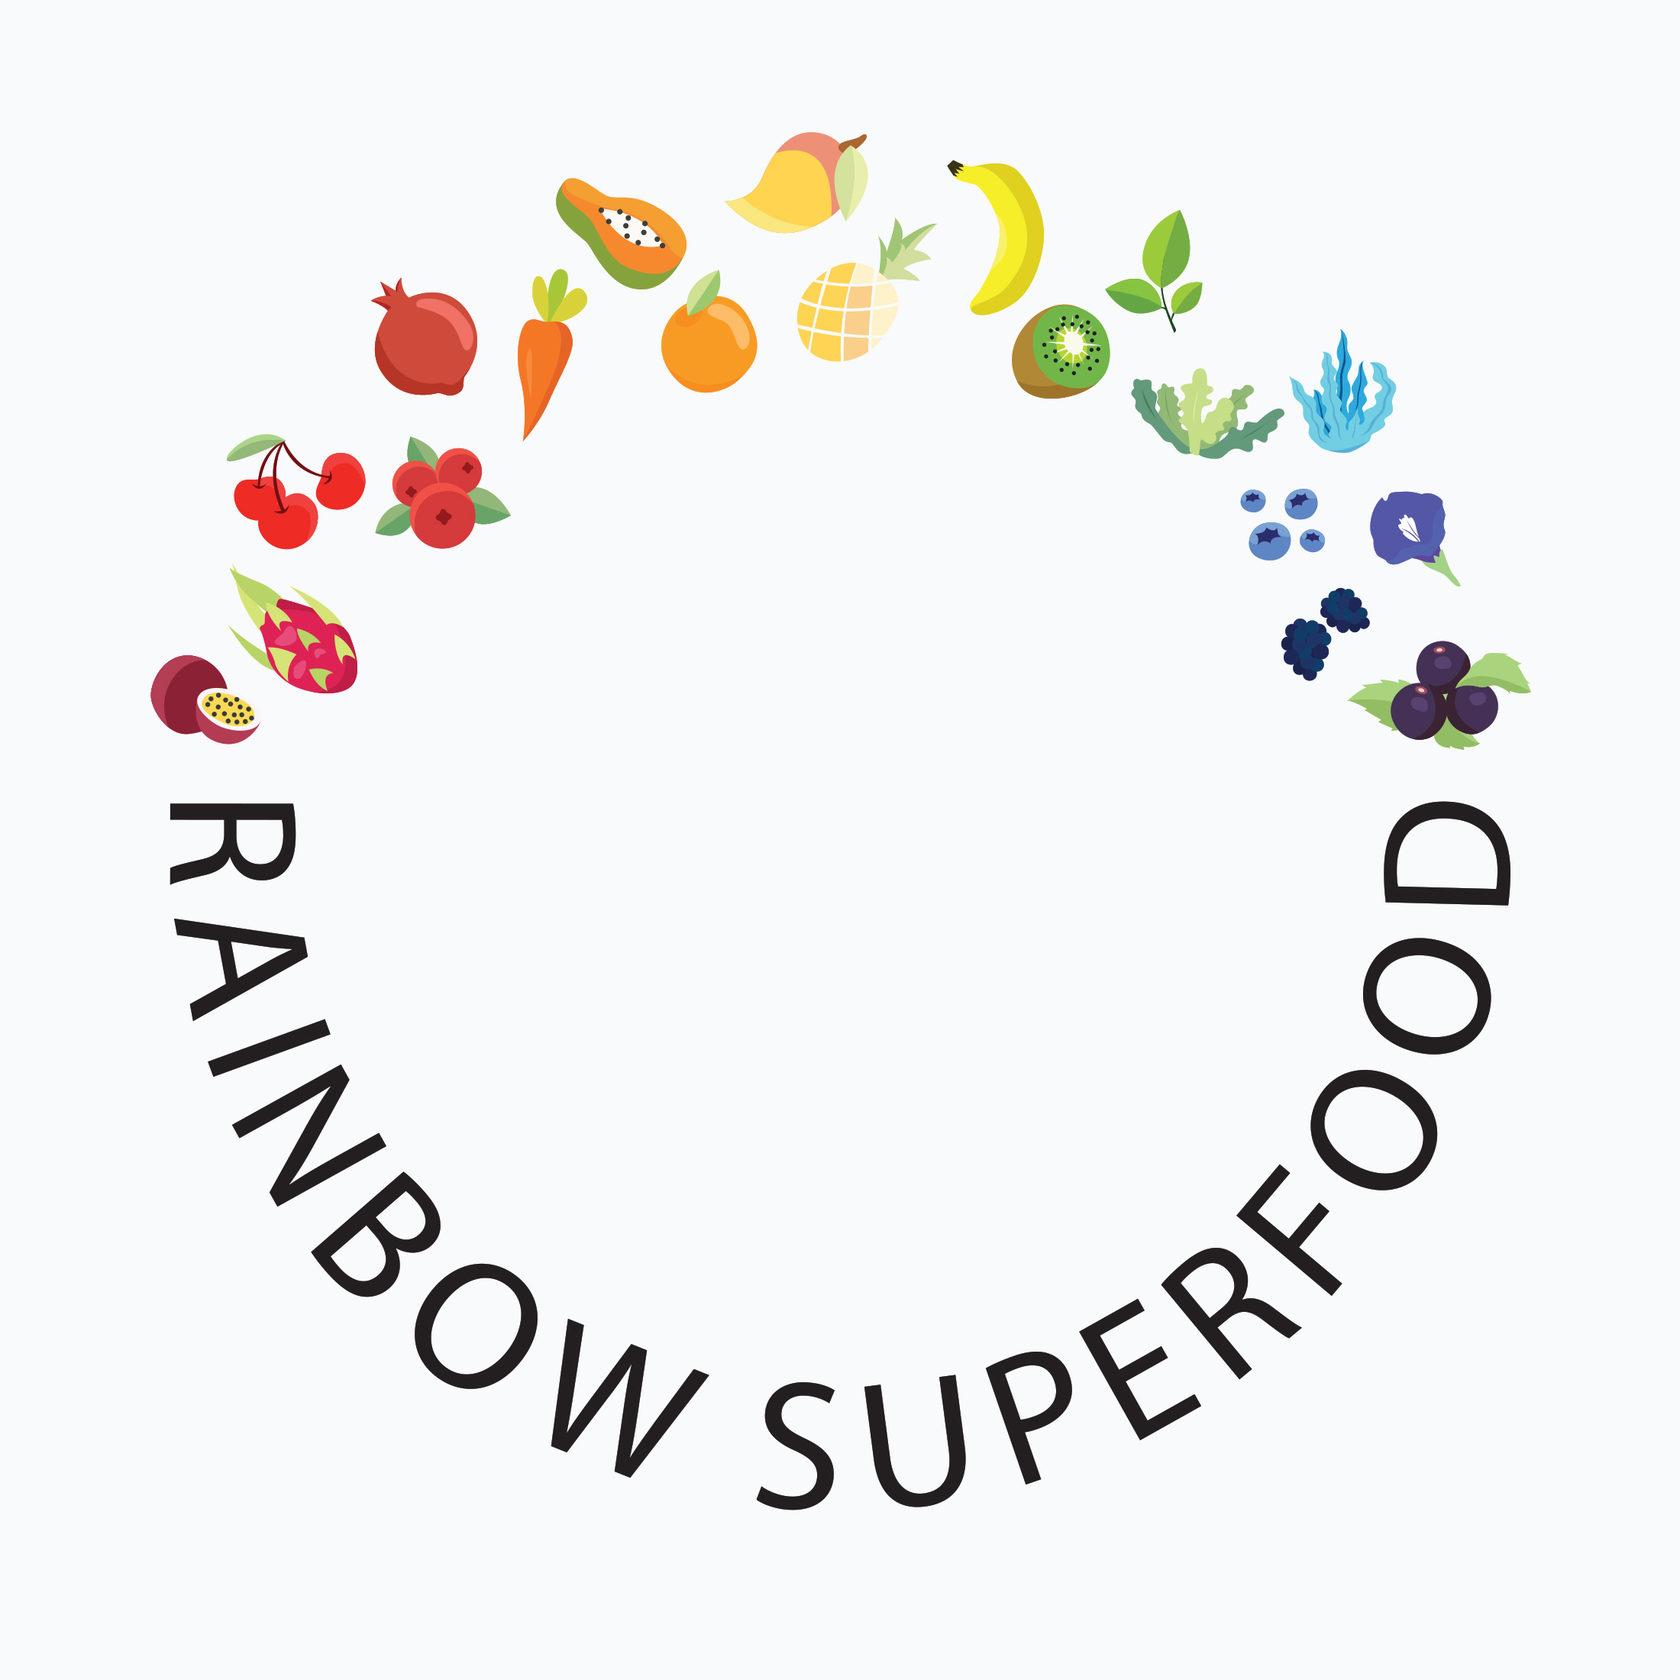 RAINBOW SUPERFOOD